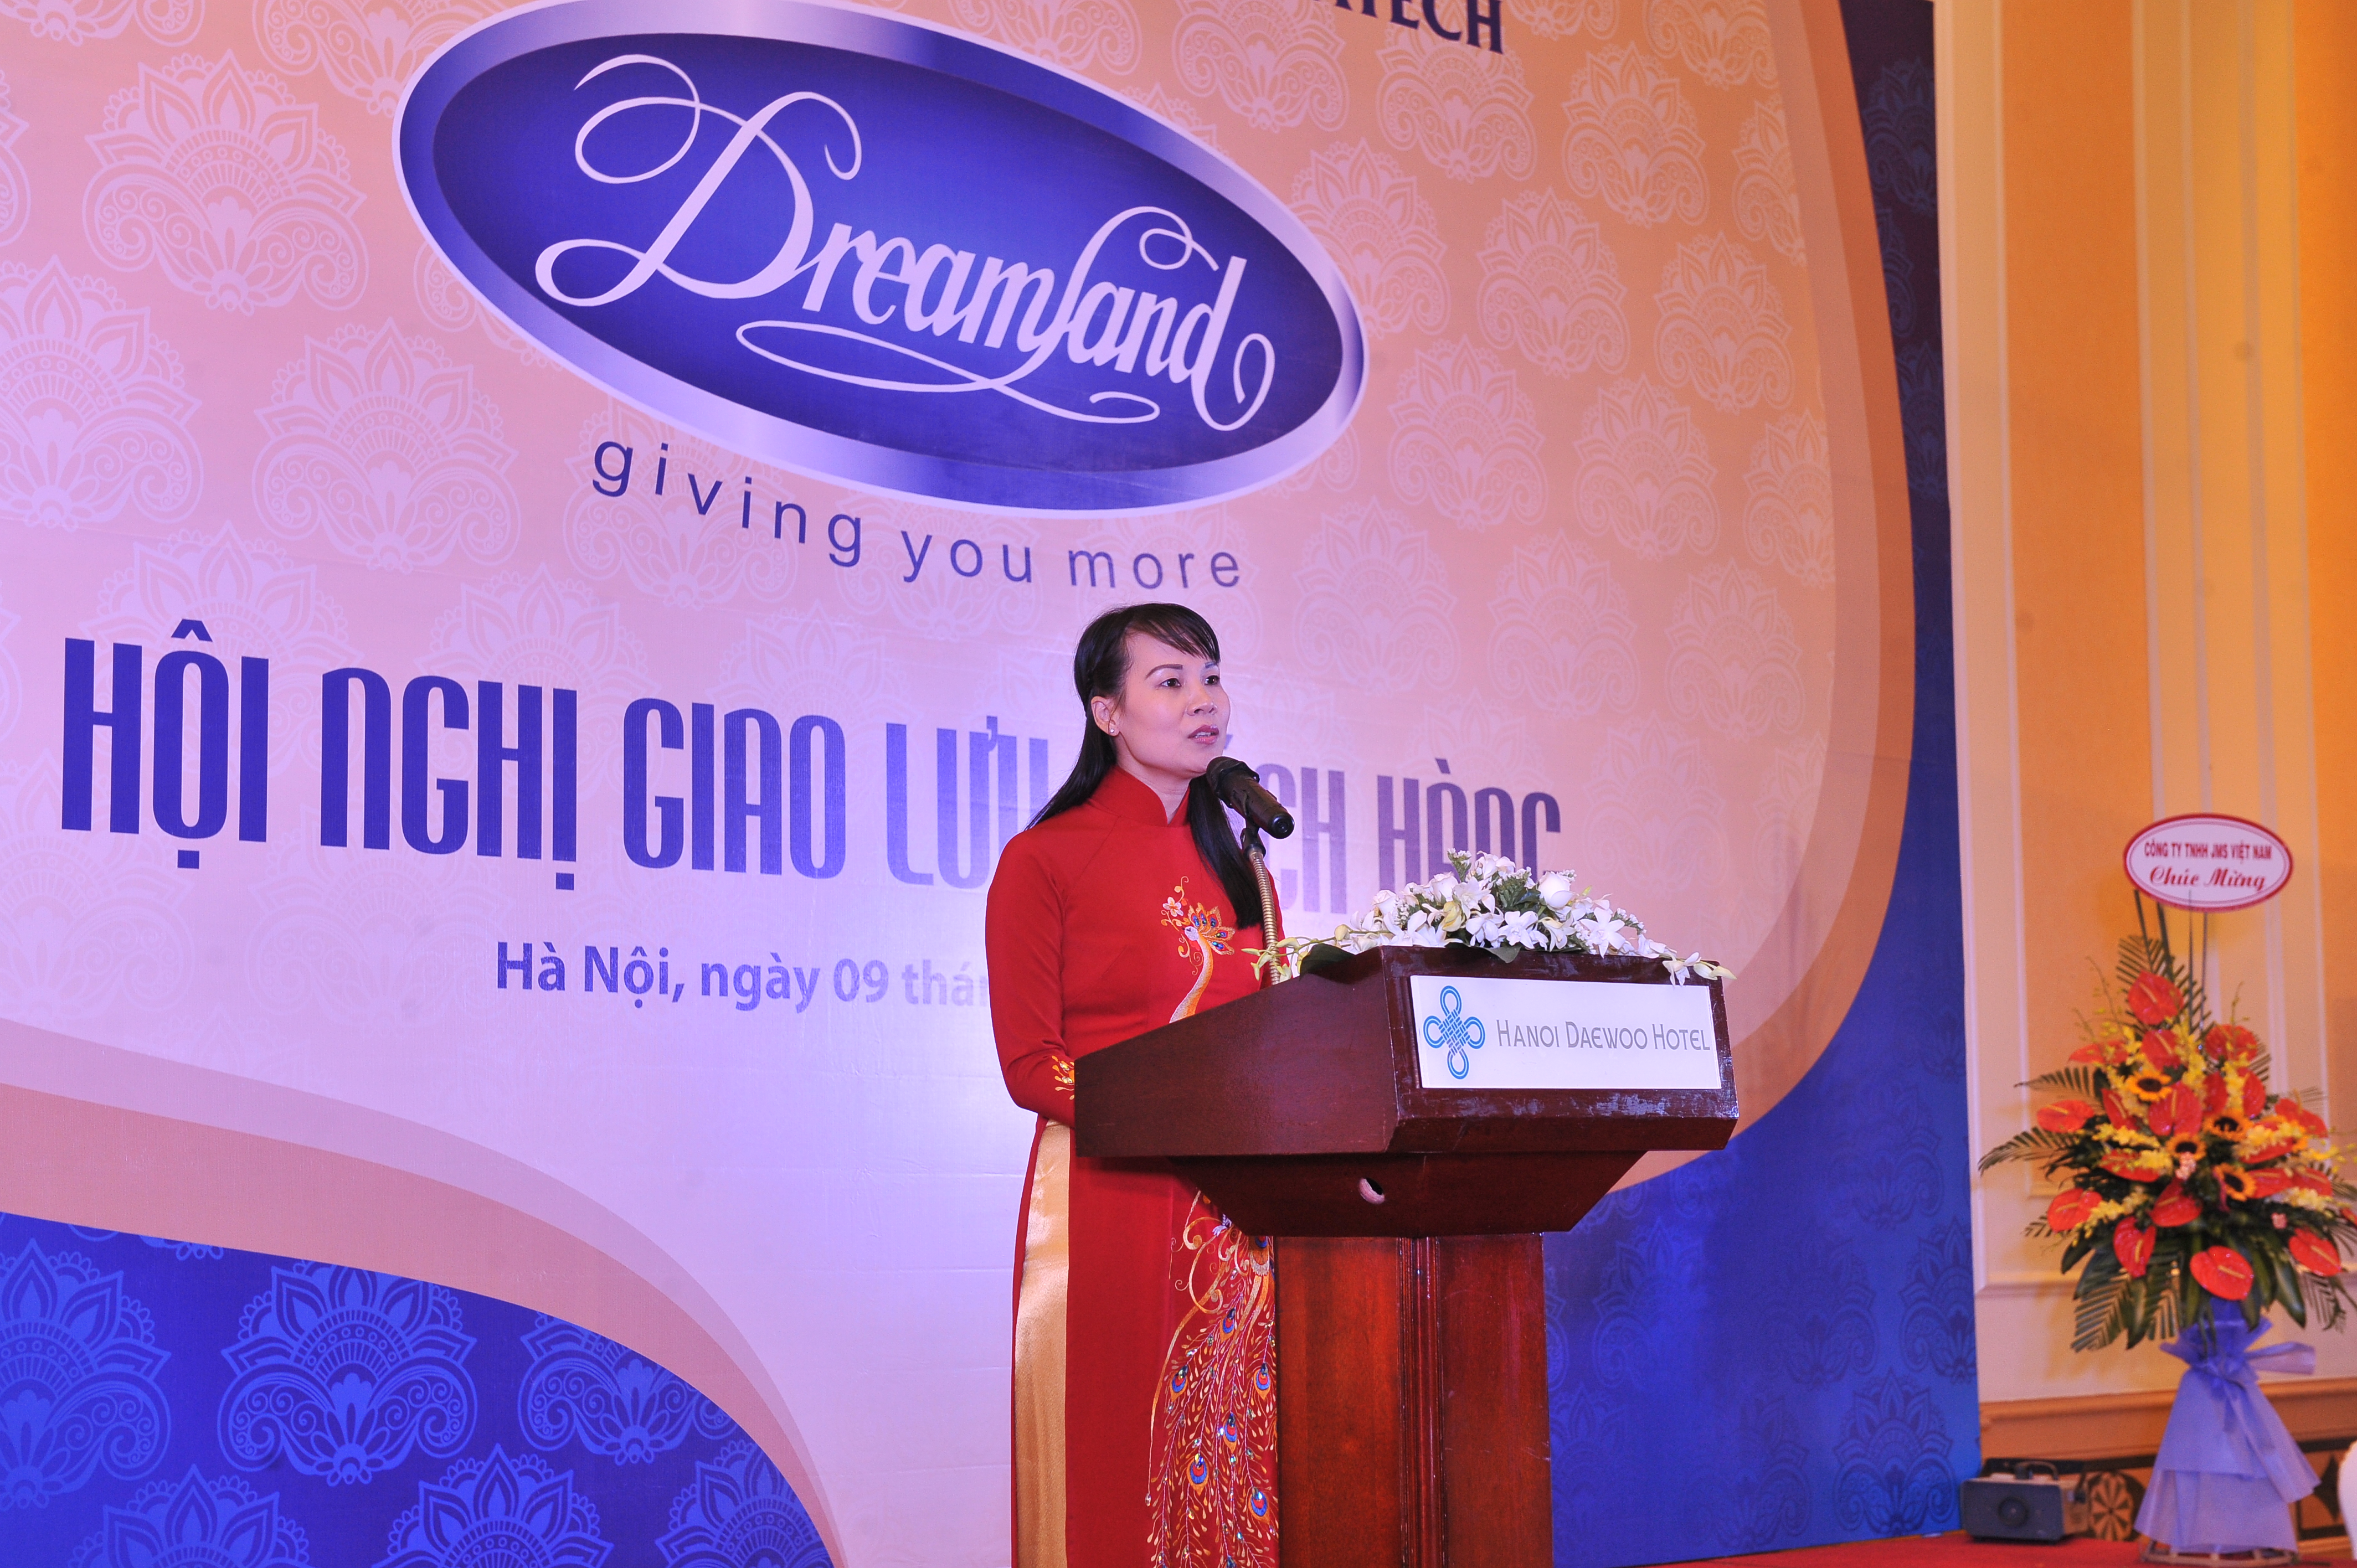 Vinatech tổ chức hội nghị khách hàng tại Daewoo